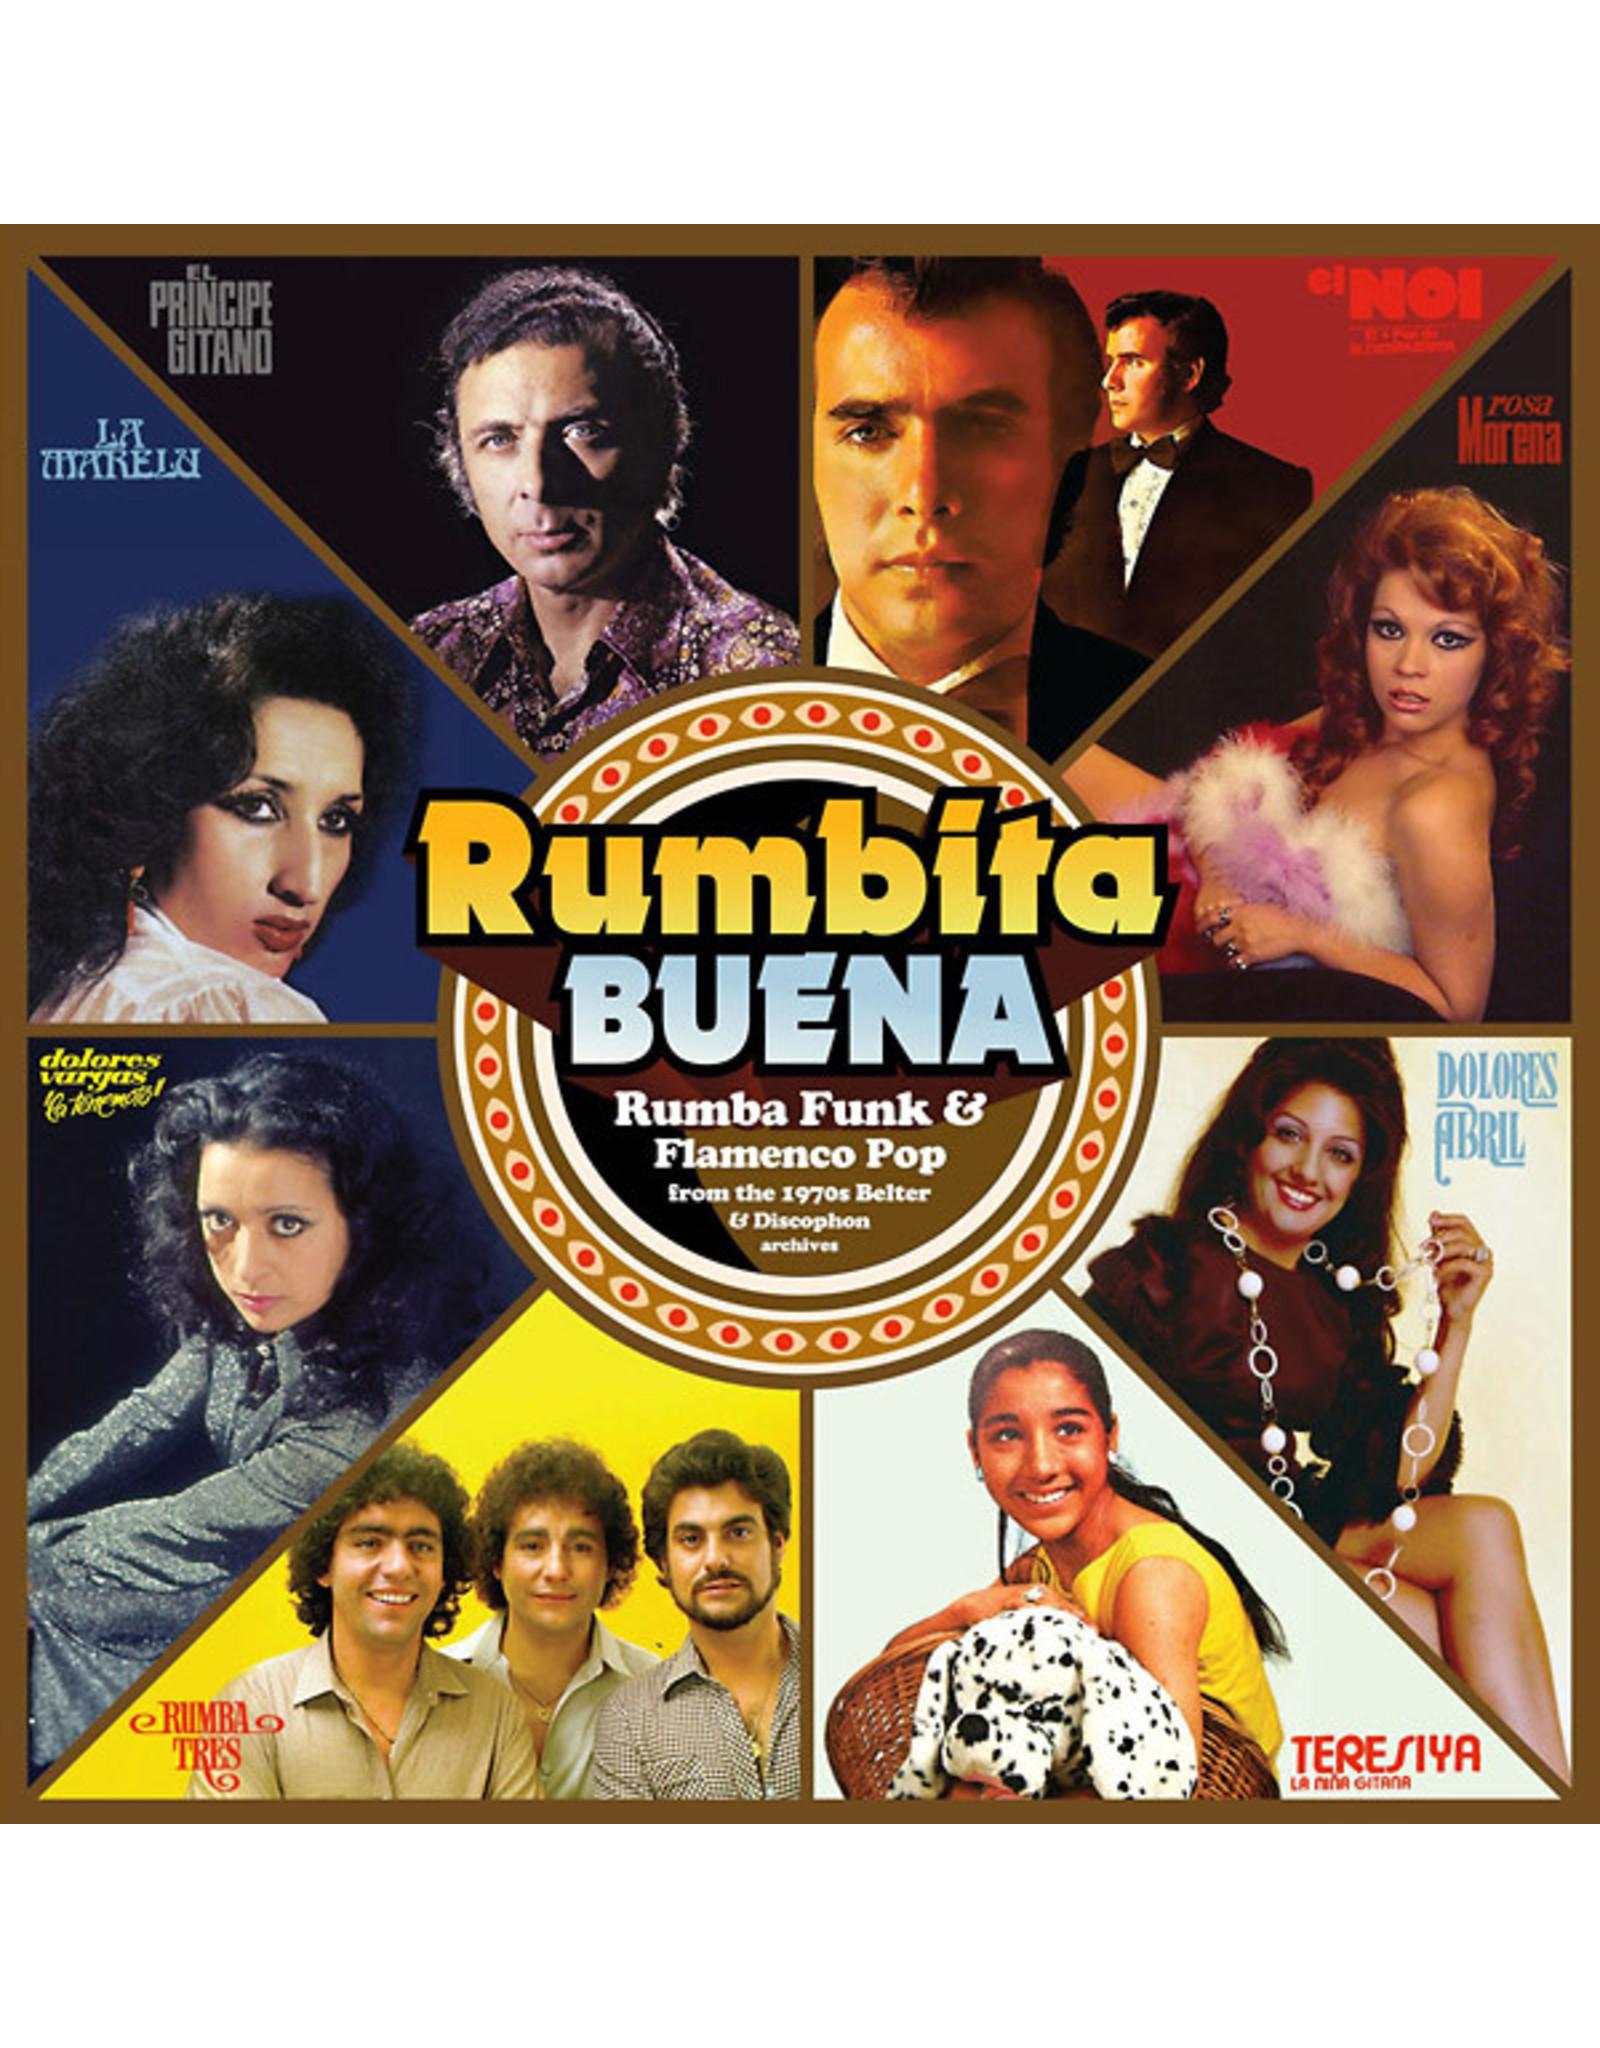 New Vinyl Various - Rumbita Buena: Rumba Funk & Flamenco Pop From The 1970s Belter & Discophon Archives